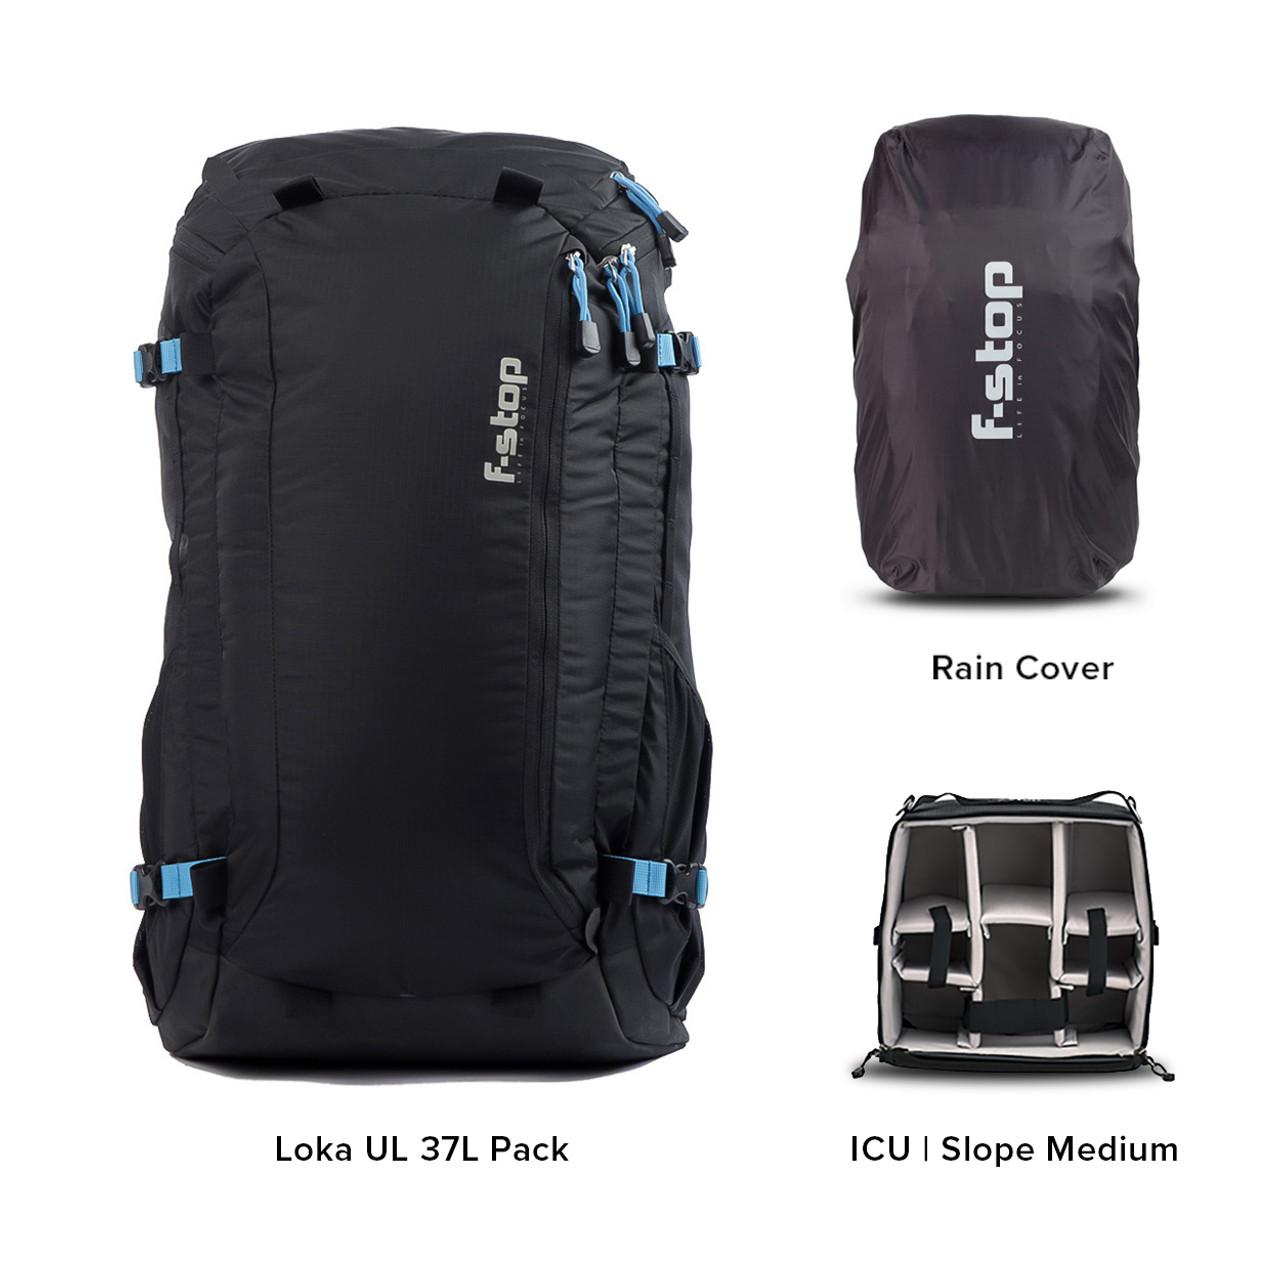 LOKA UL - 37 Liter Backpack